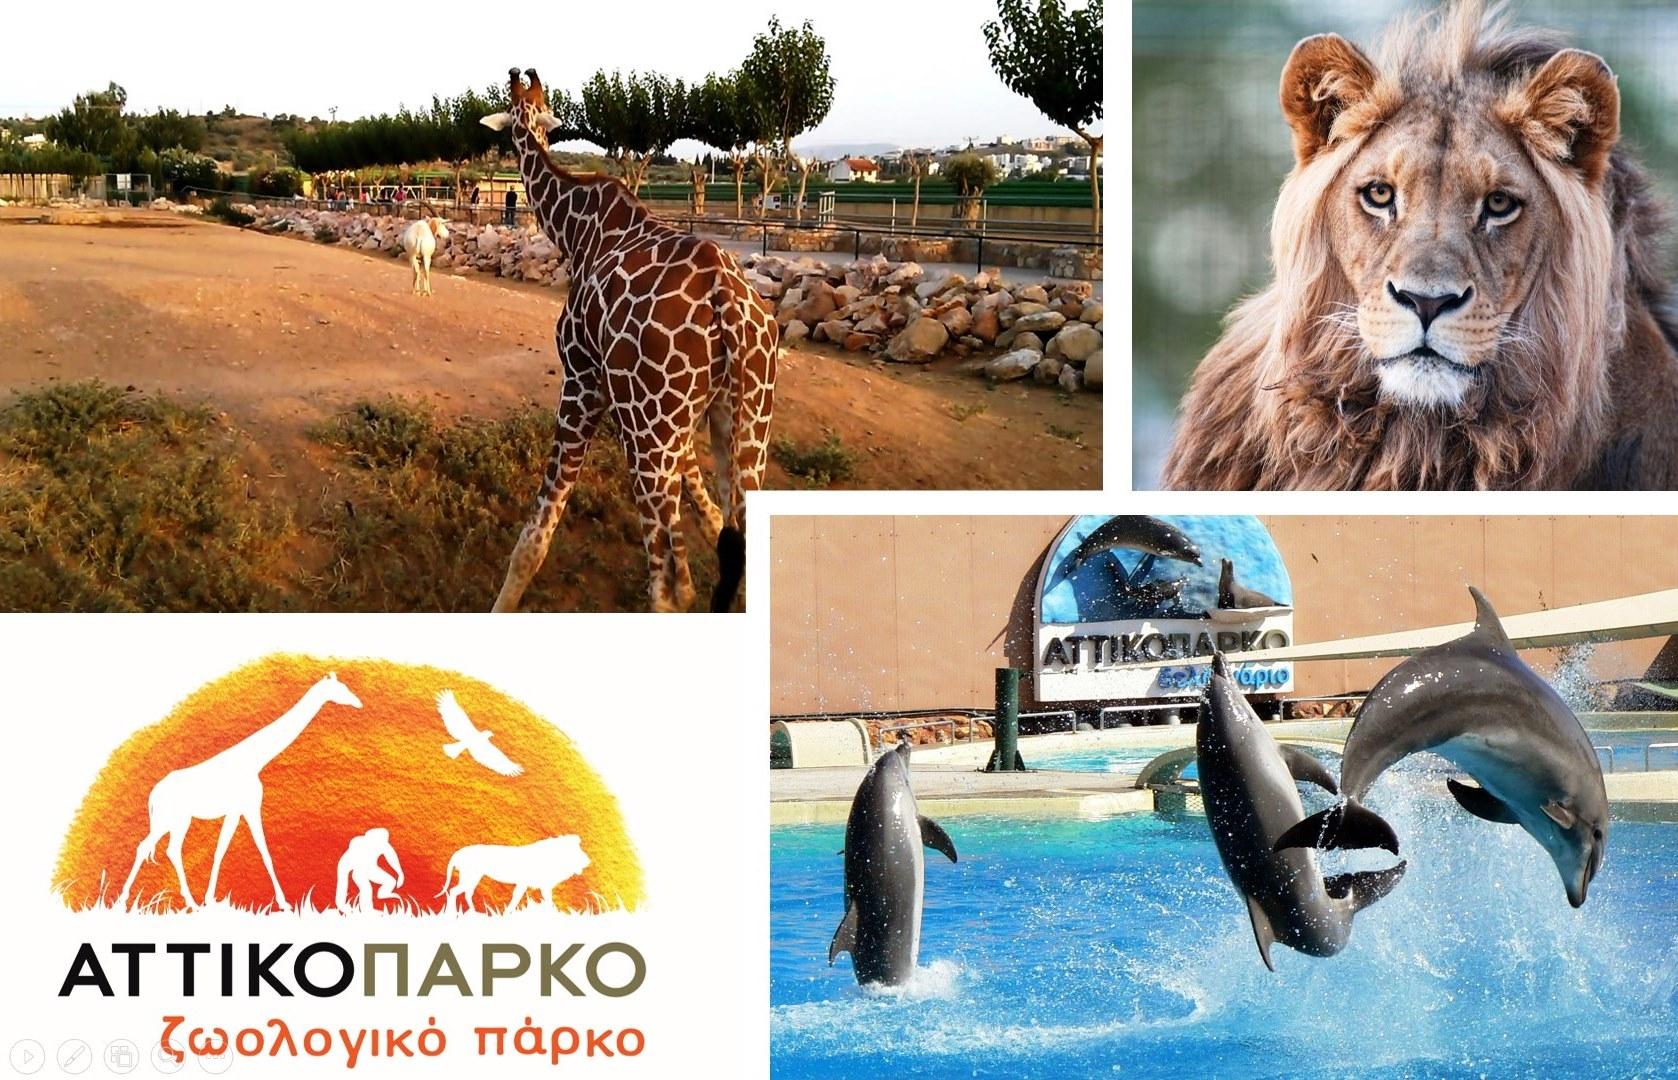 Αττικό Ζωολογικό Πάρκο, Αθήνα 53